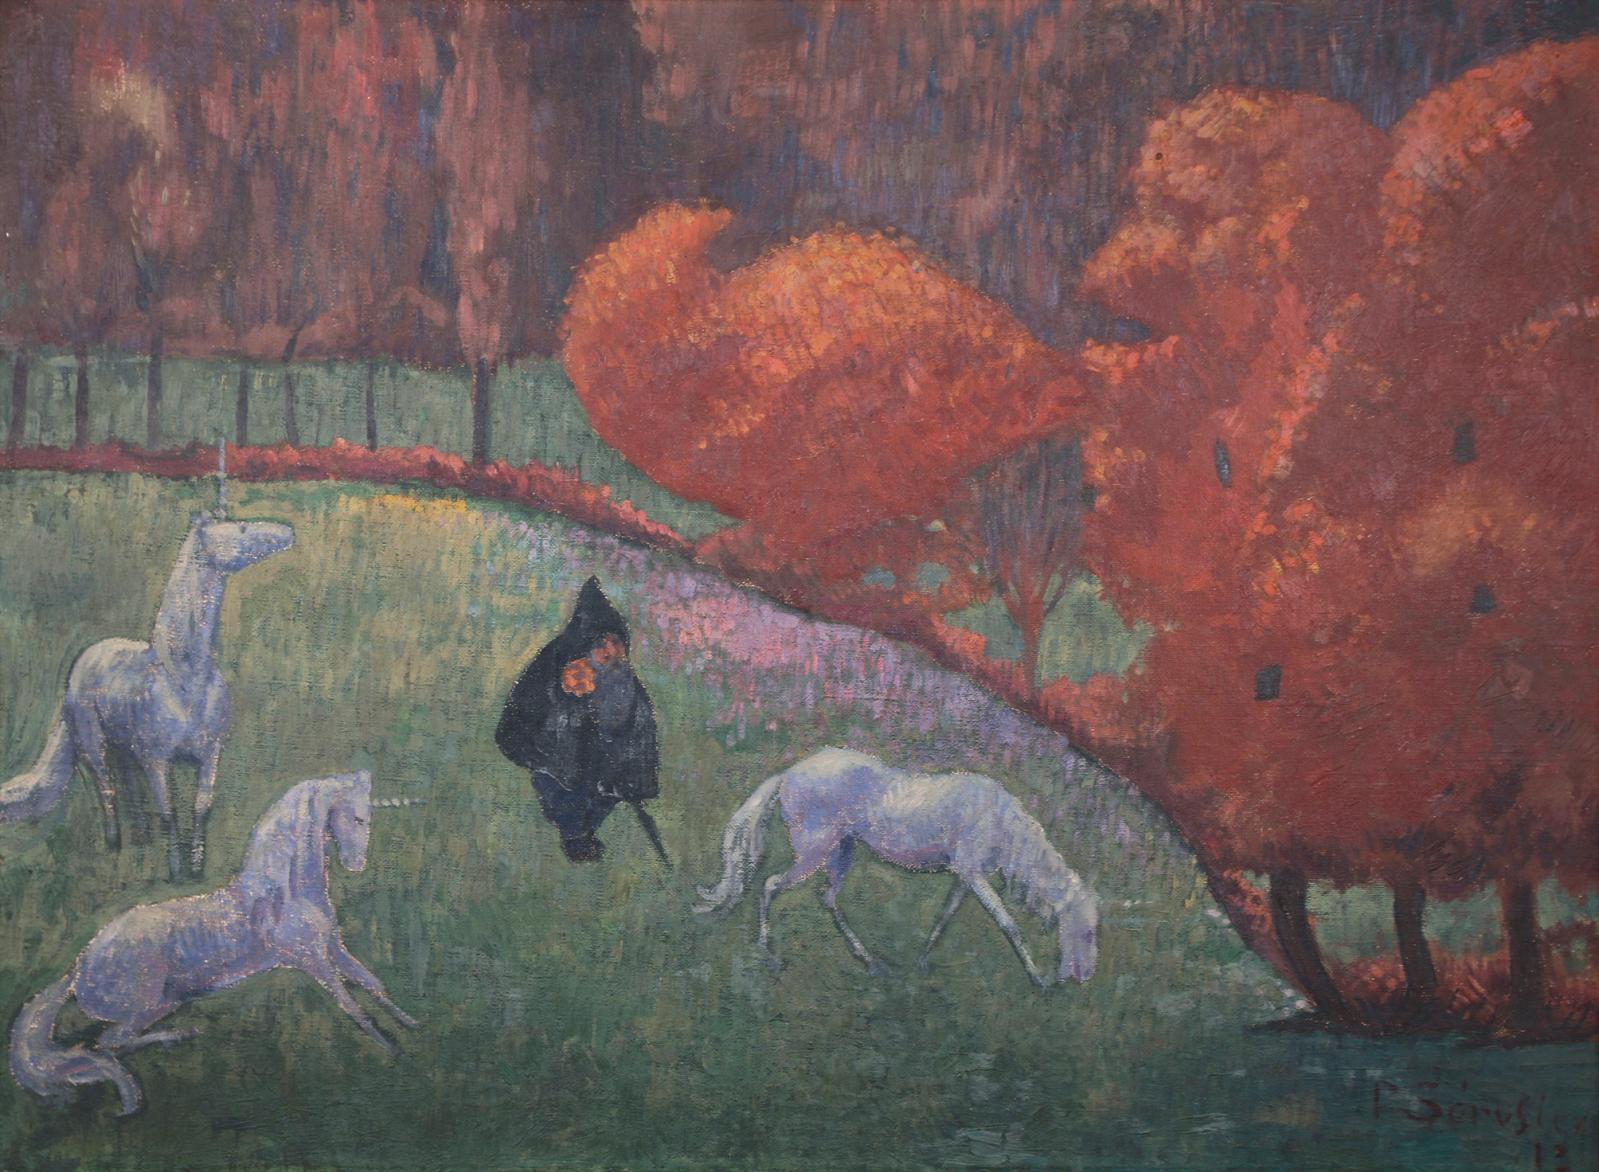 Tout l'univers onirique de Paul Sérusier(1864-1927)est résumé dans Les Licornes, toile signée et datée 1913(60x81cm), ici annoncée à